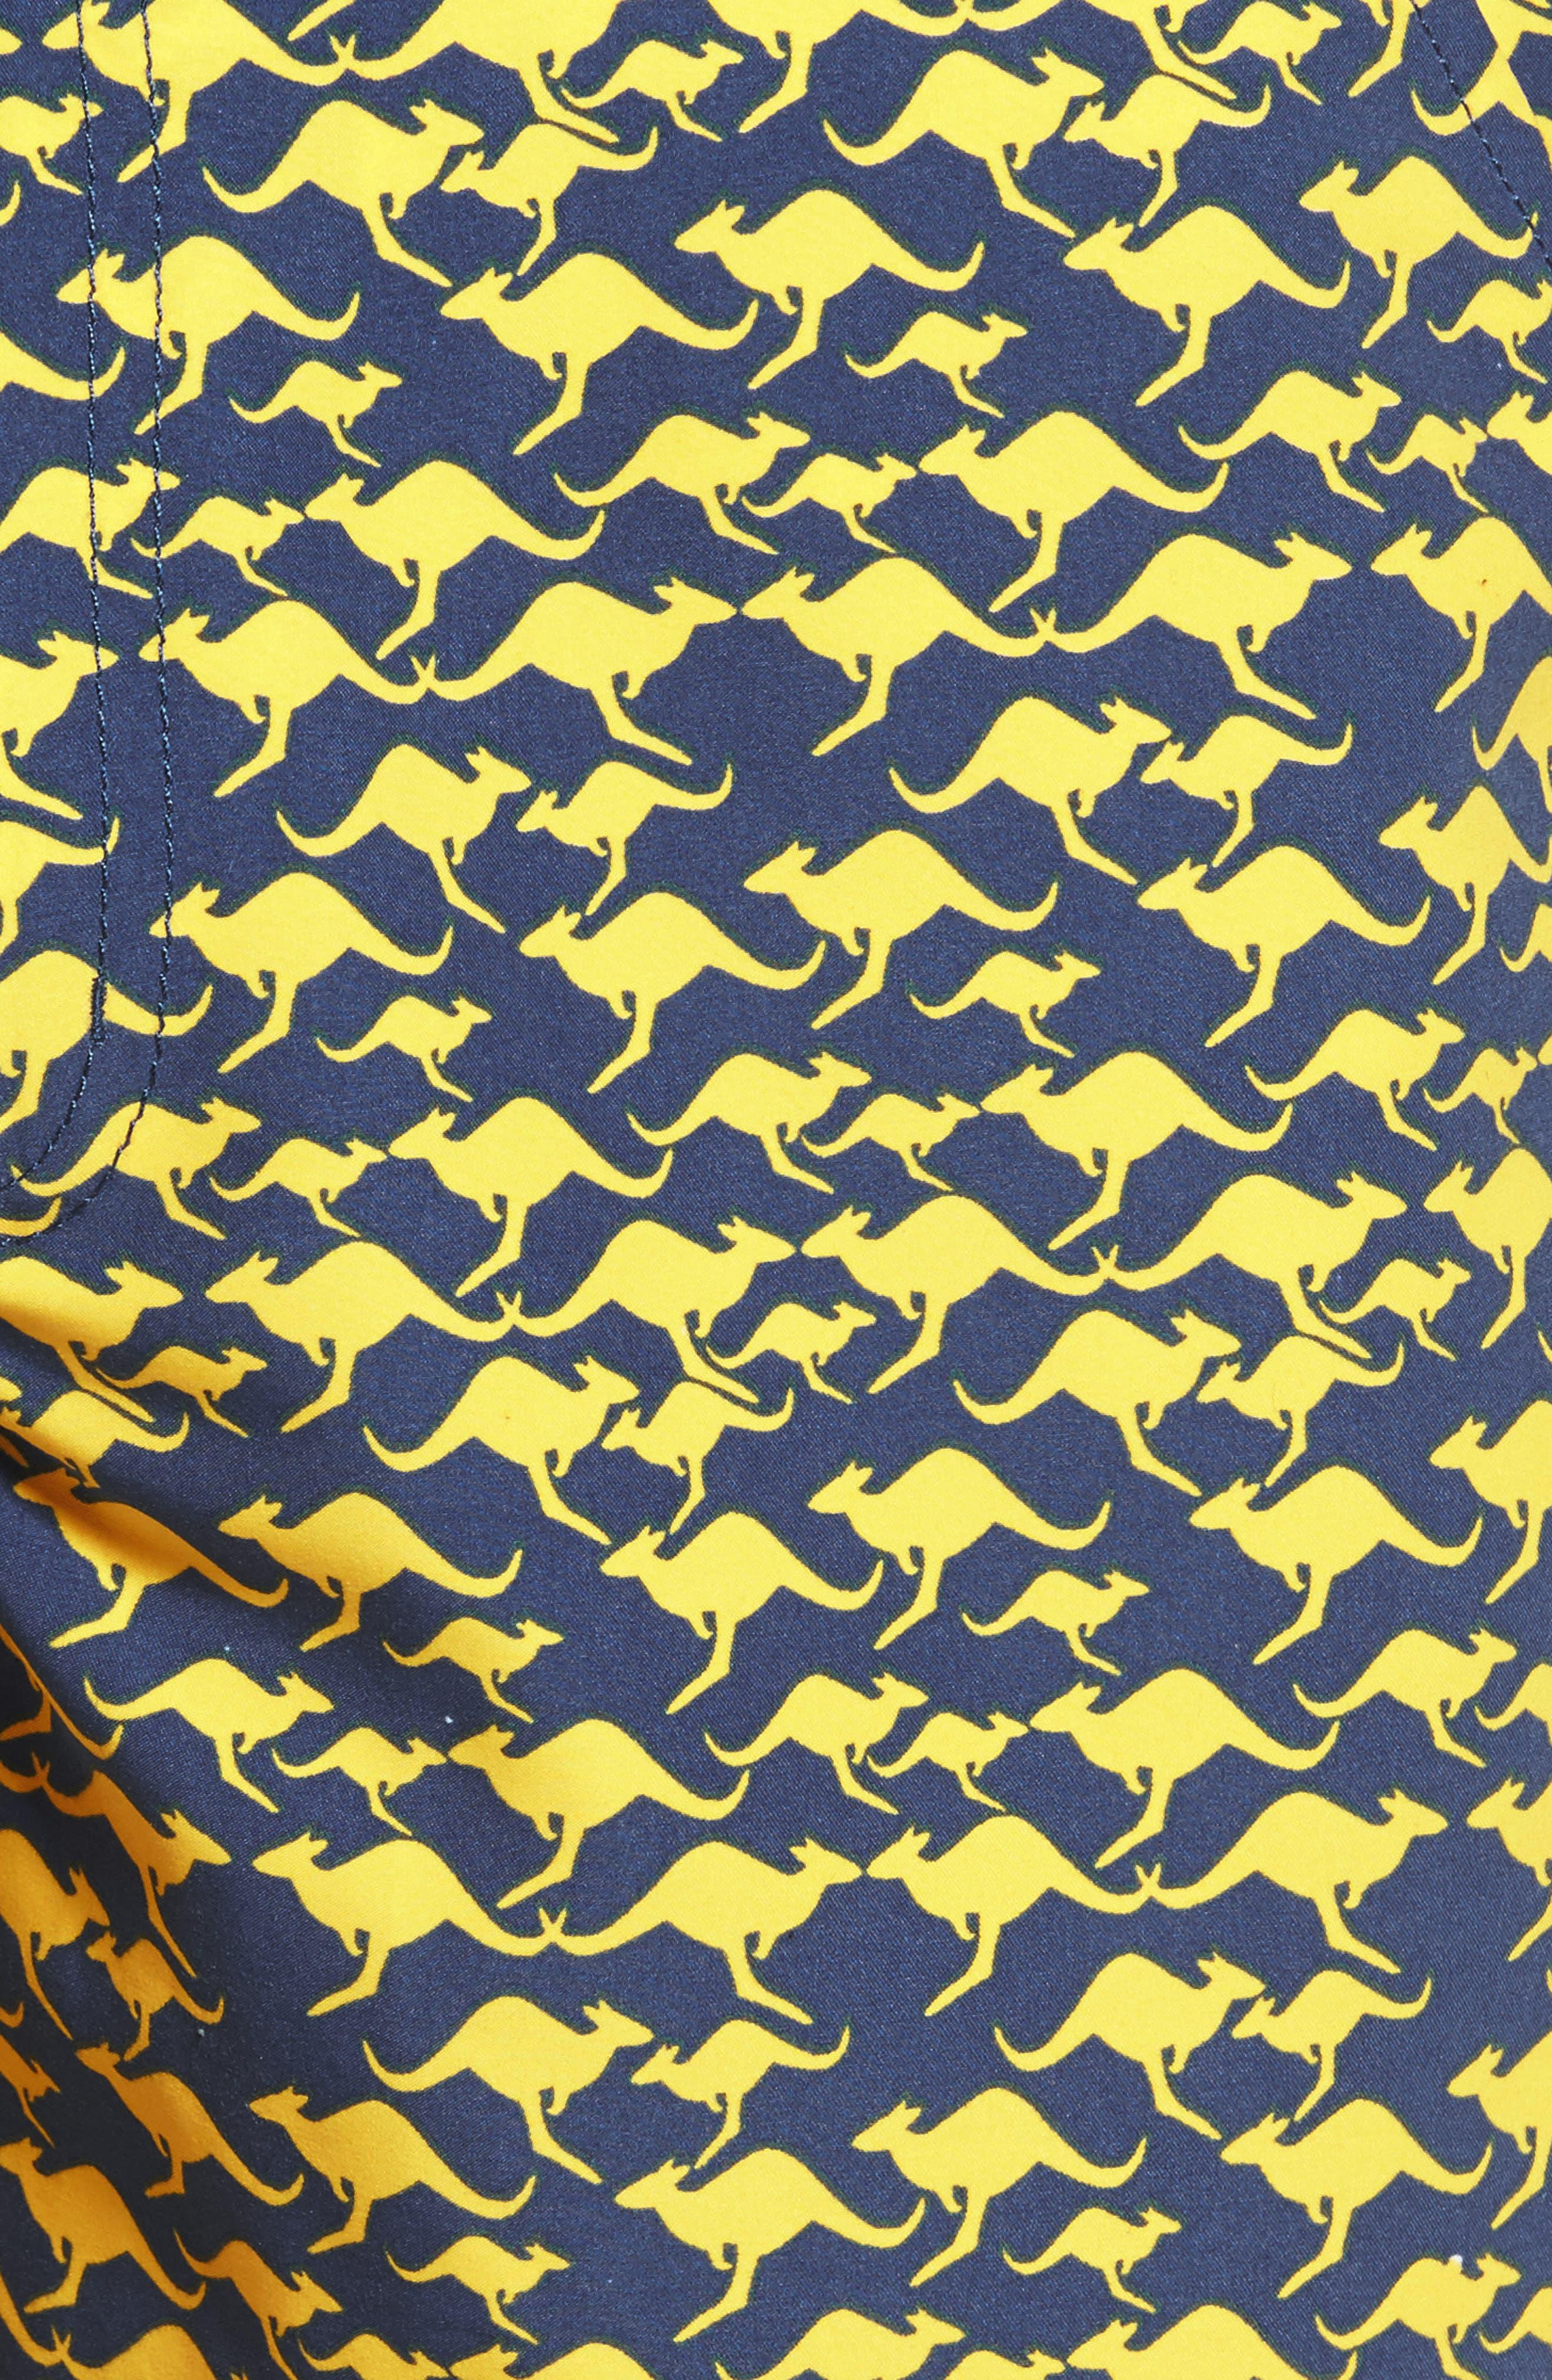 Kangaroo Swim Trunks,                             Alternate thumbnail 5, color,                             410